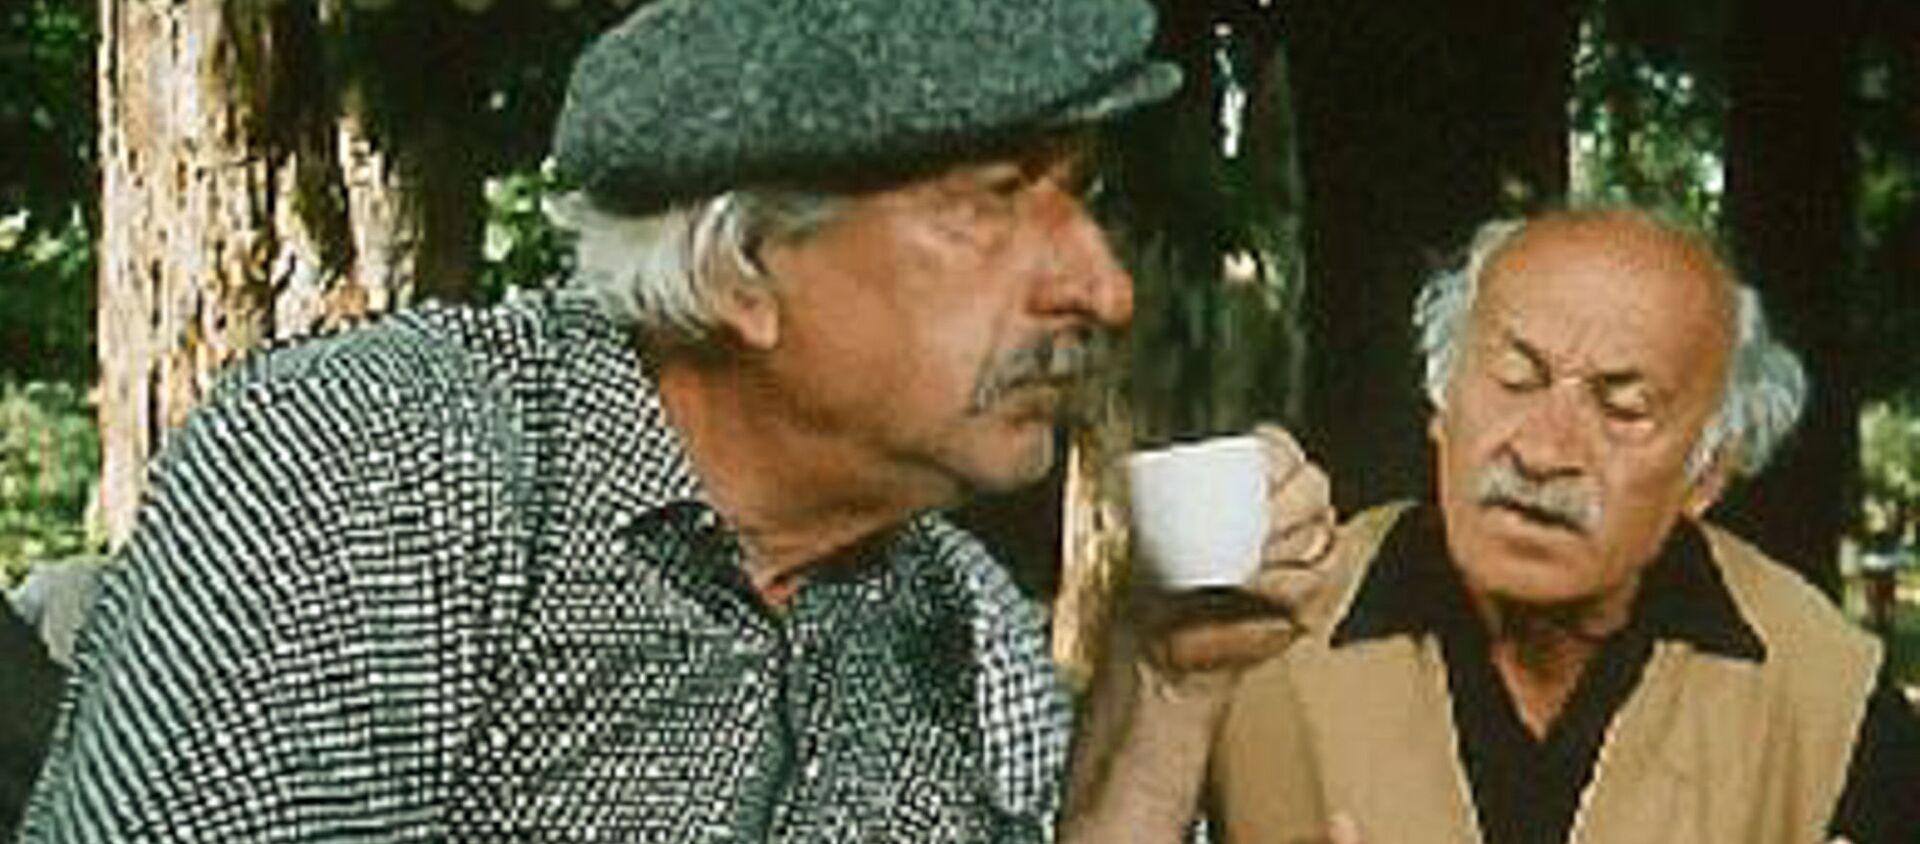 Хута Джопуа. Кадр из фильма Созвездие Козлотура  - Sputnik Аҧсны, 1920, 15.03.2020